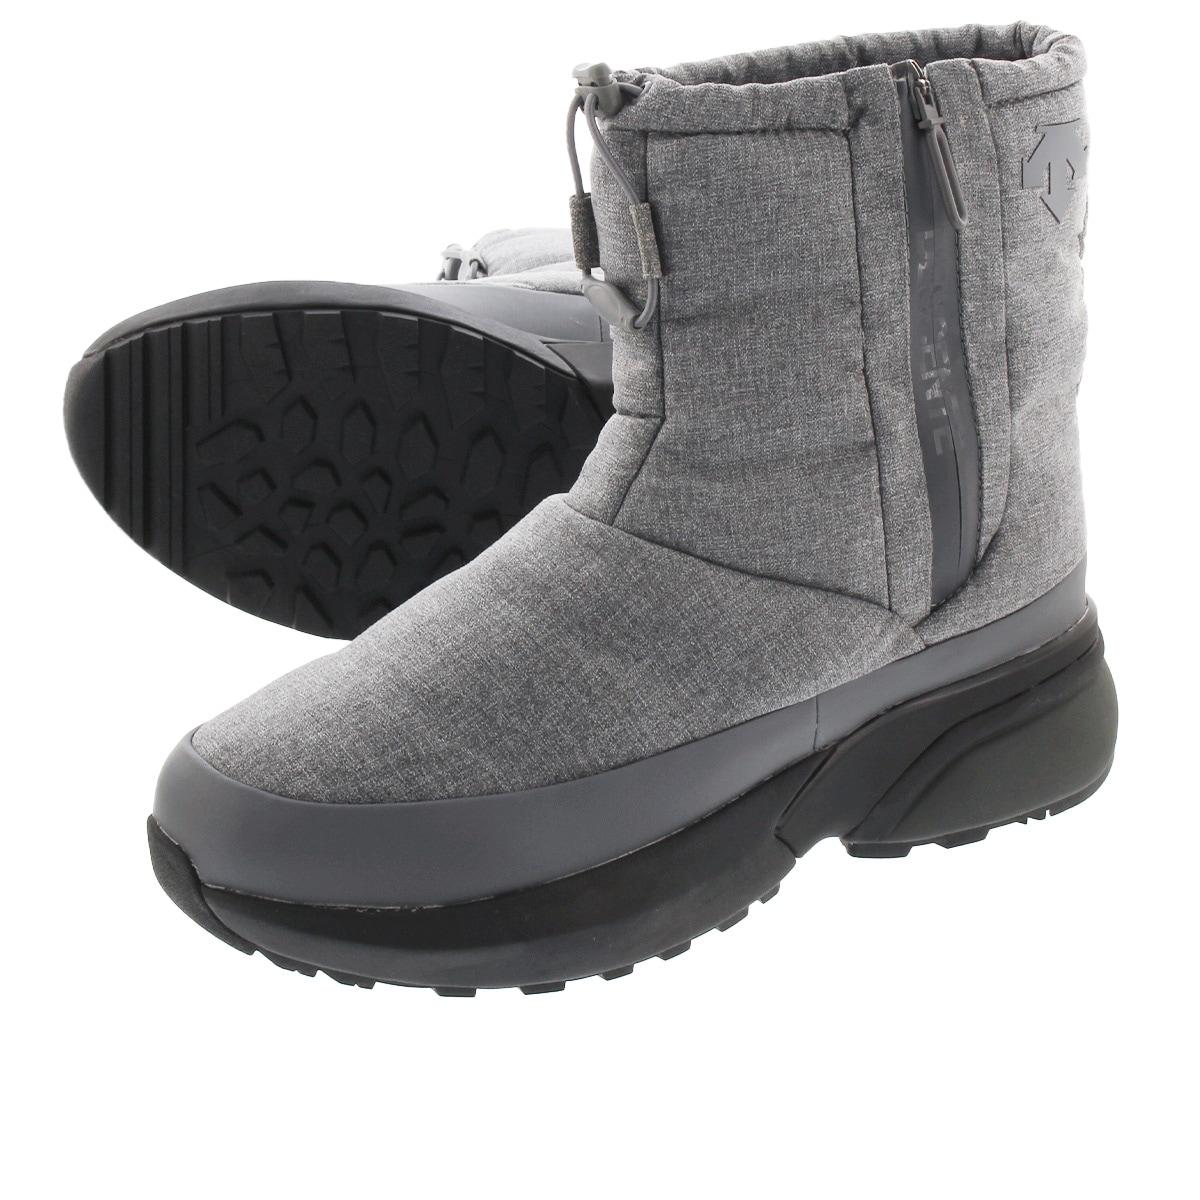 期間限定特価品 送料無料 DESCENTE デサント ブーツ スニーカー シューズ 靴 開催中 メンズ レディース スノー グレー BOOTS dm1qjd10gr ACTIVE アウトドア WINTER GREY アクティブ ウィンター 防水